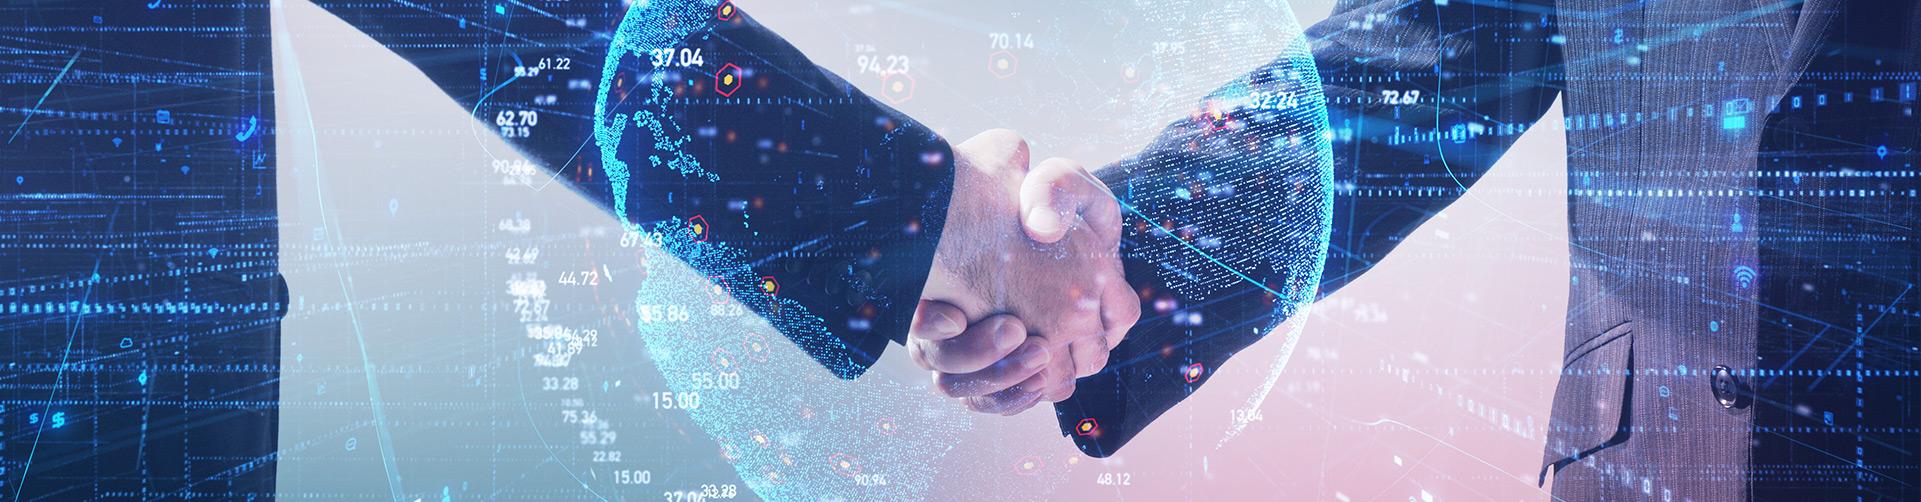 Business partners reaching an agreement